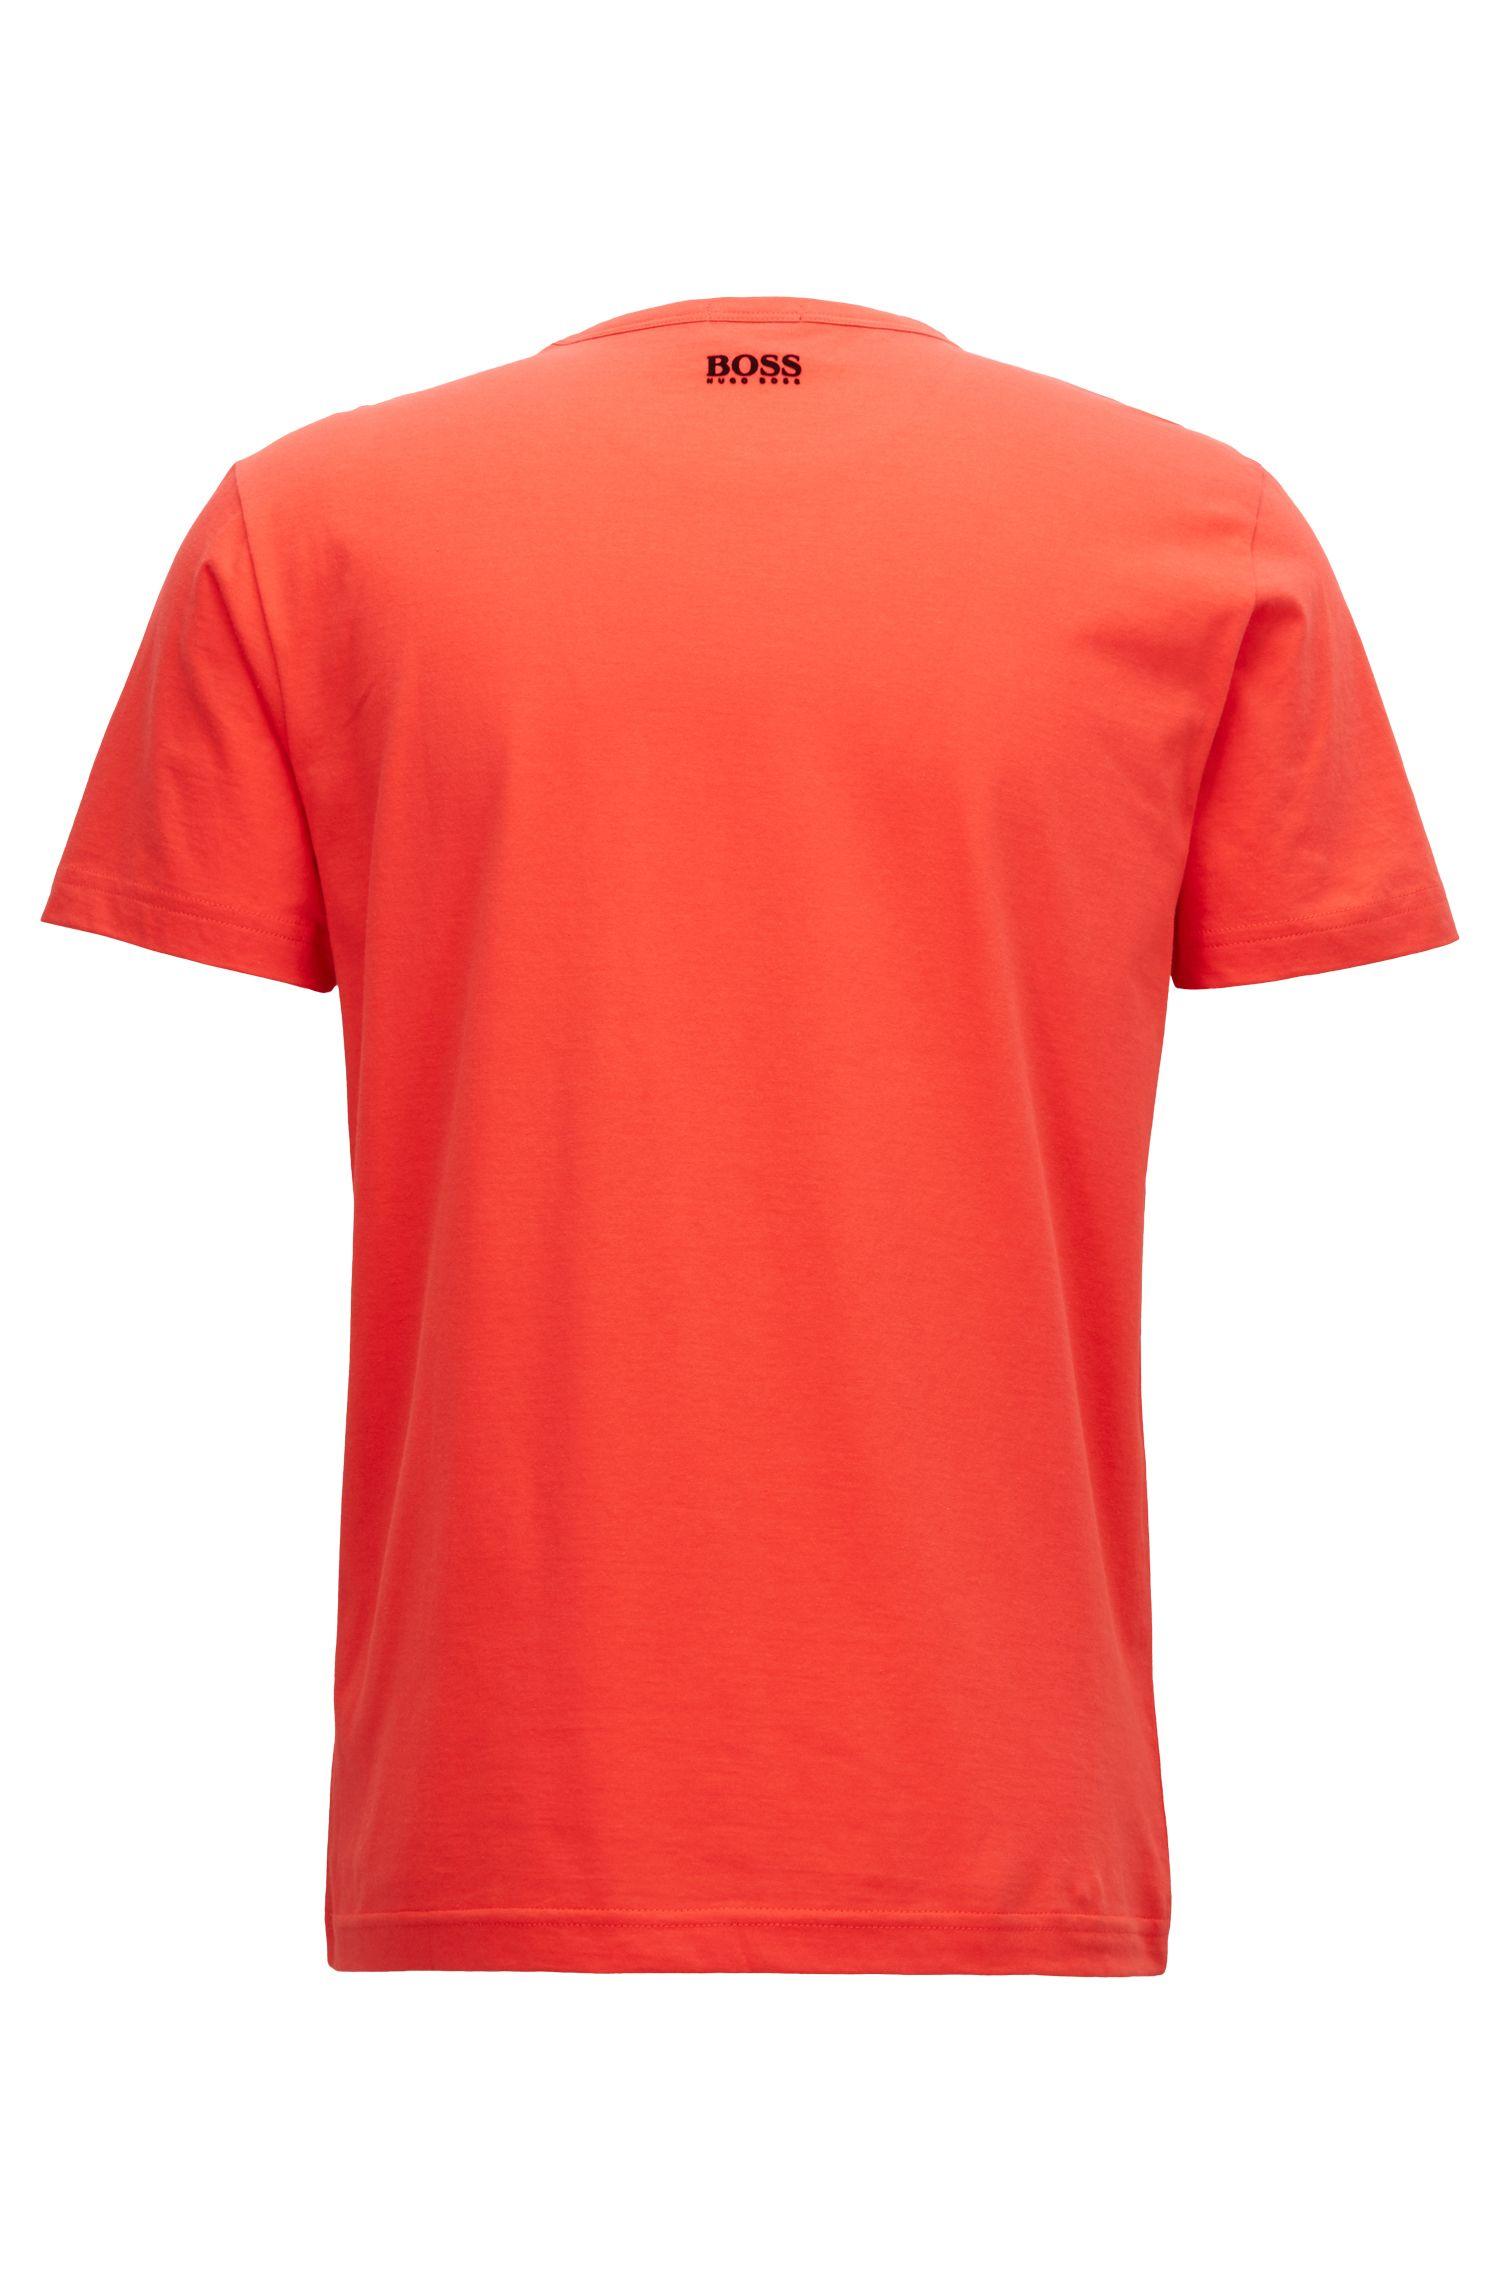 T-Shirt aus Single Jersey mit Rundhalsausschnitt und Flockdruck-Logo, Rot